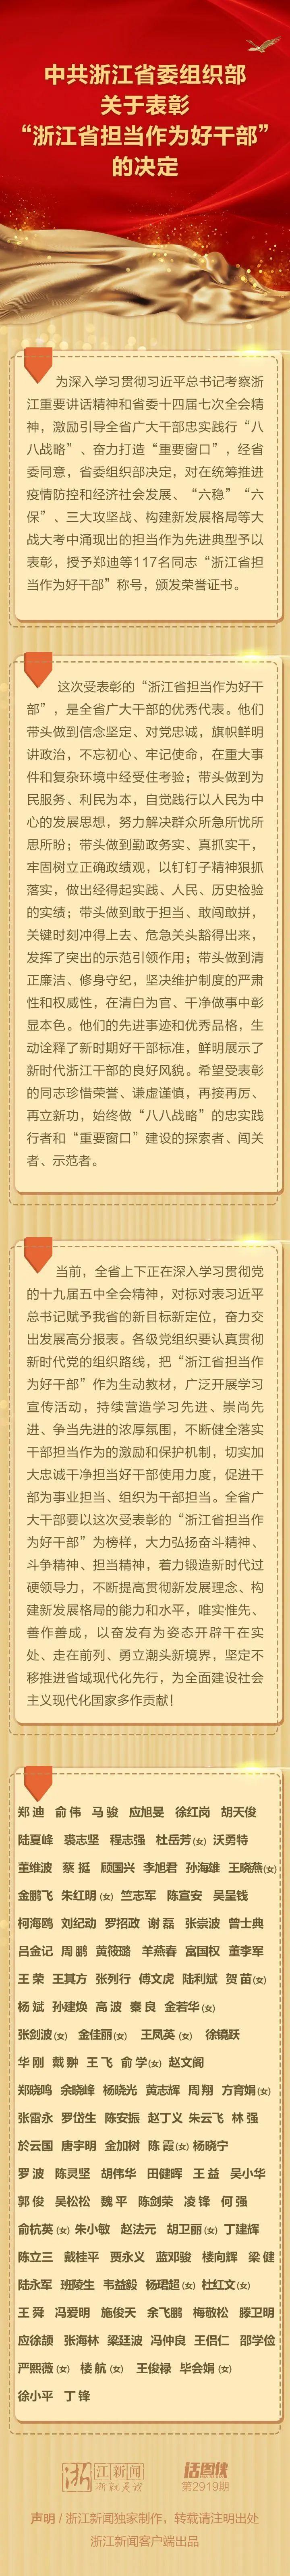 """浙江表彰117名""""浙江省担当作为好干部""""图片"""